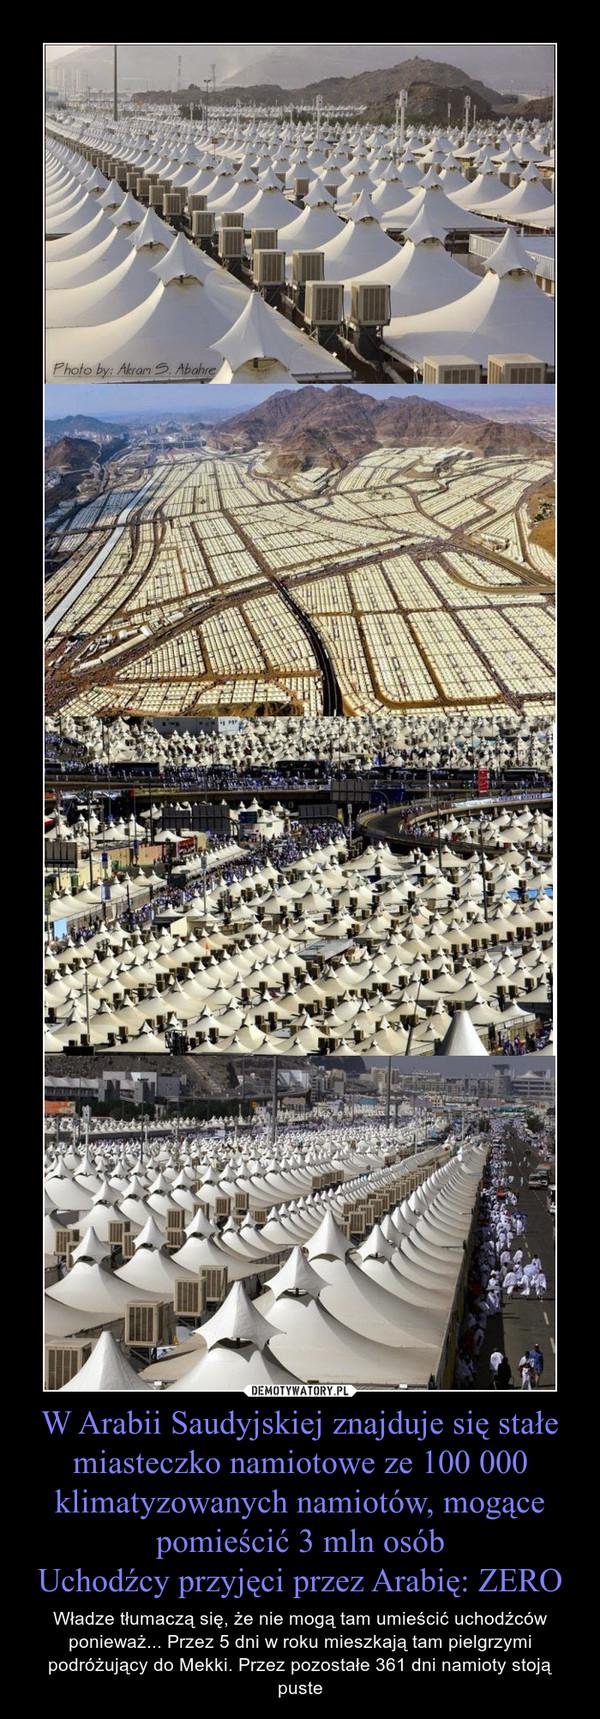 W Arabii Saudyjskiej znajduje się stałe miasteczko namiotowe ze 100 000 klimatyzowanych namiotów, mogące pomieścić 3 mln osóbUchodźcy przyjęci przez Arabię: ZERO – Władze tłumaczą się, że nie mogą tam umieścić uchodźców ponieważ... Przez 5 dni w roku mieszkają tam pielgrzymi podróżujący do Mekki. Przez pozostałe 361 dni namioty stoją puste